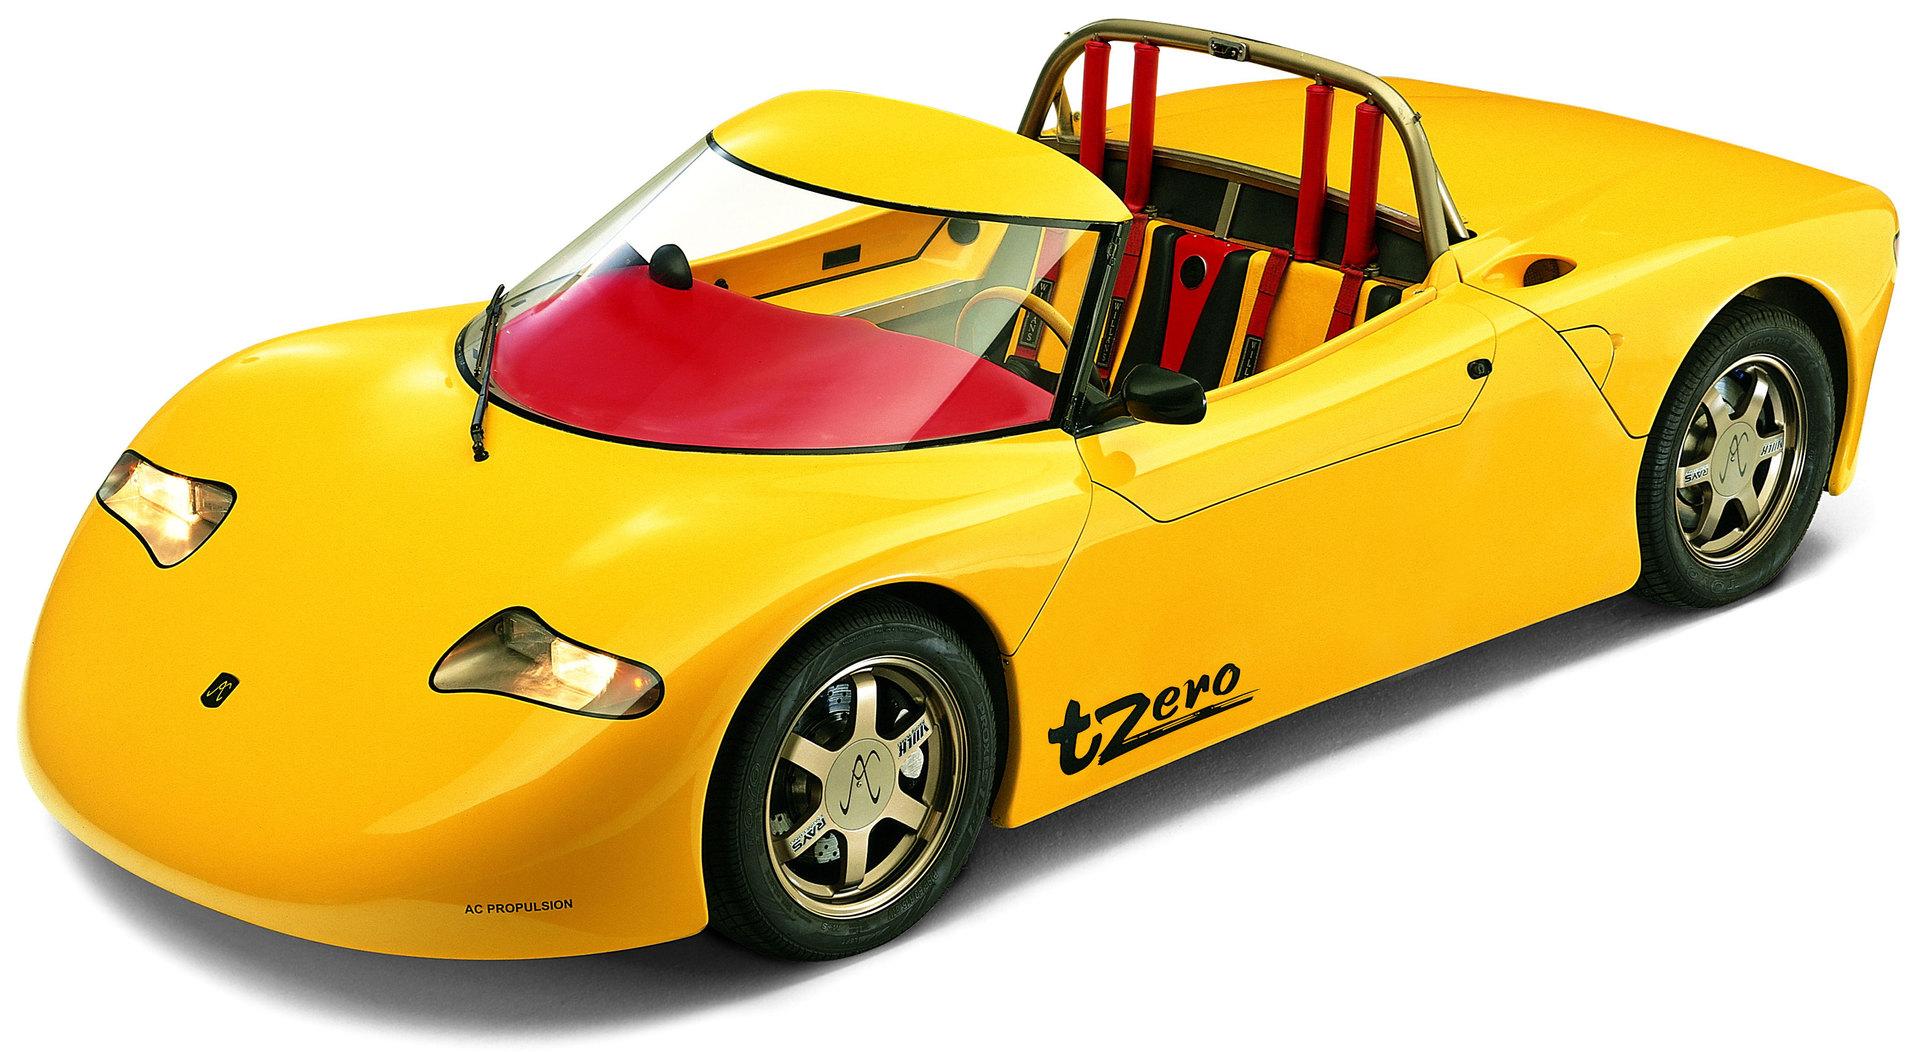 тесла автомобиль предложения для сотрудника по проектированию автороботов